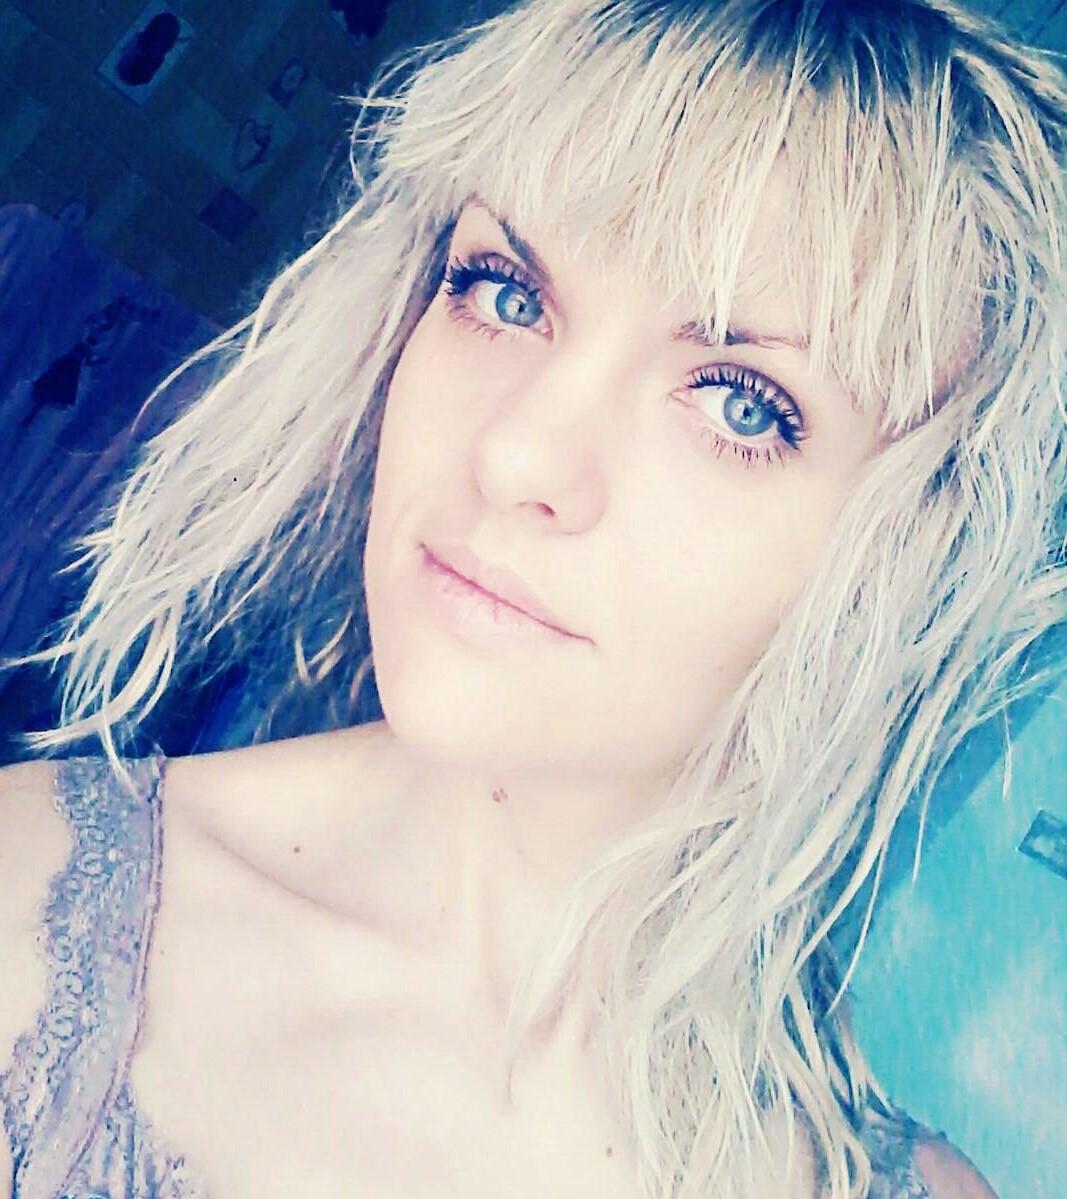 заката фото ювженко а в открытом пространстве, она